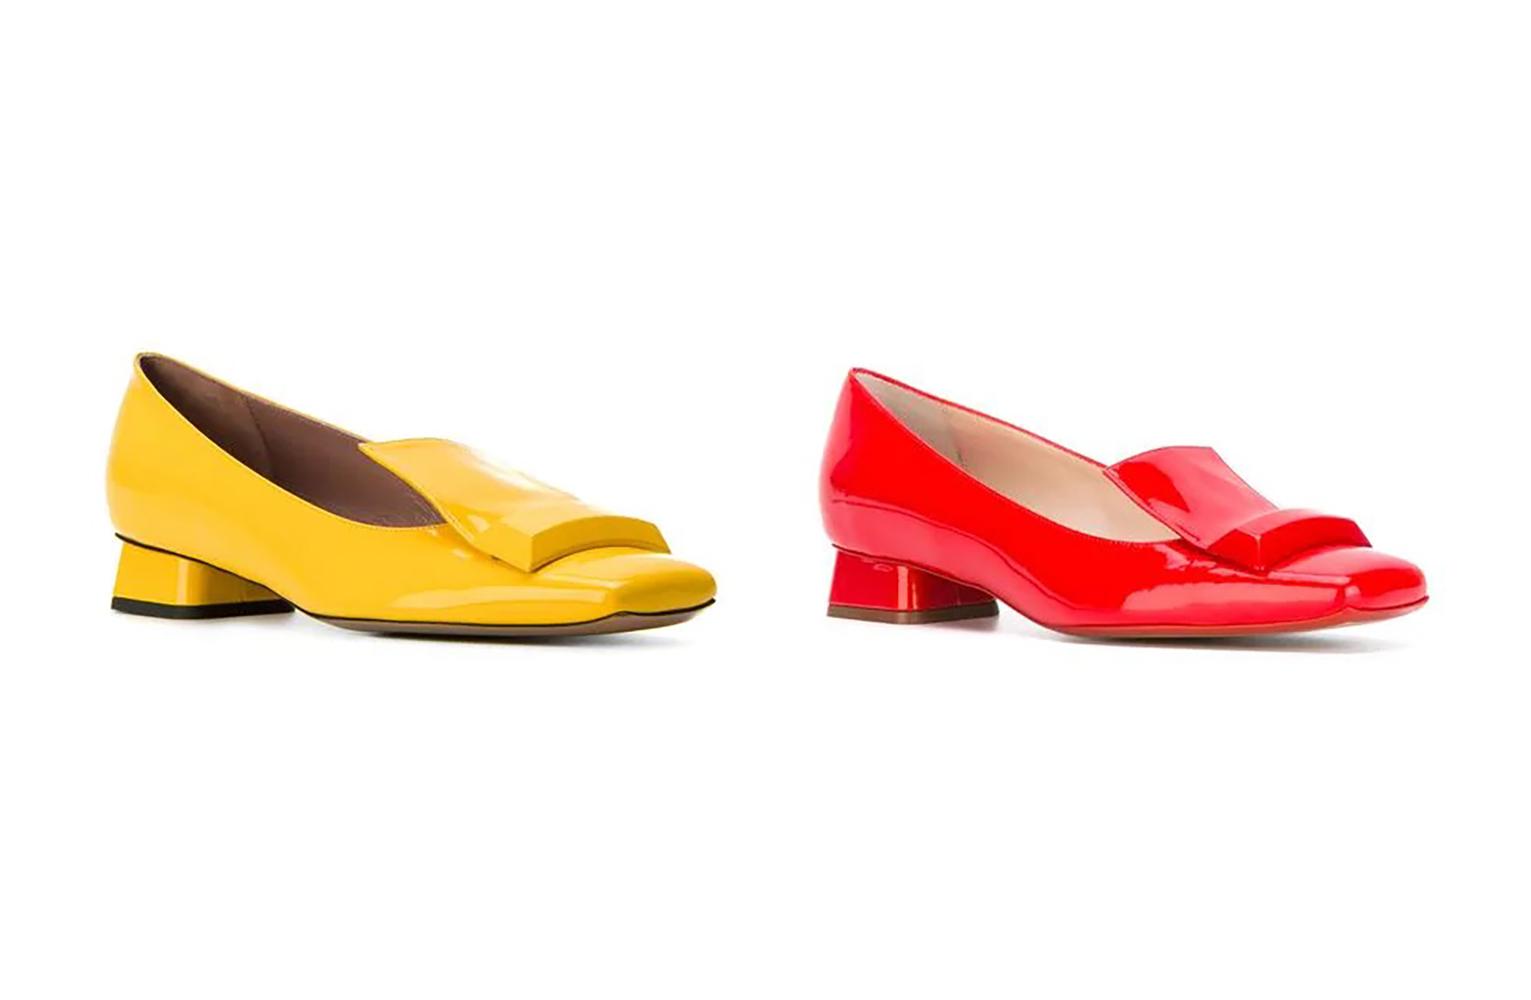 左/Rayne 漆皮低跟鞋(黃) 右/Rayne 漆皮低跟鞋(紅)